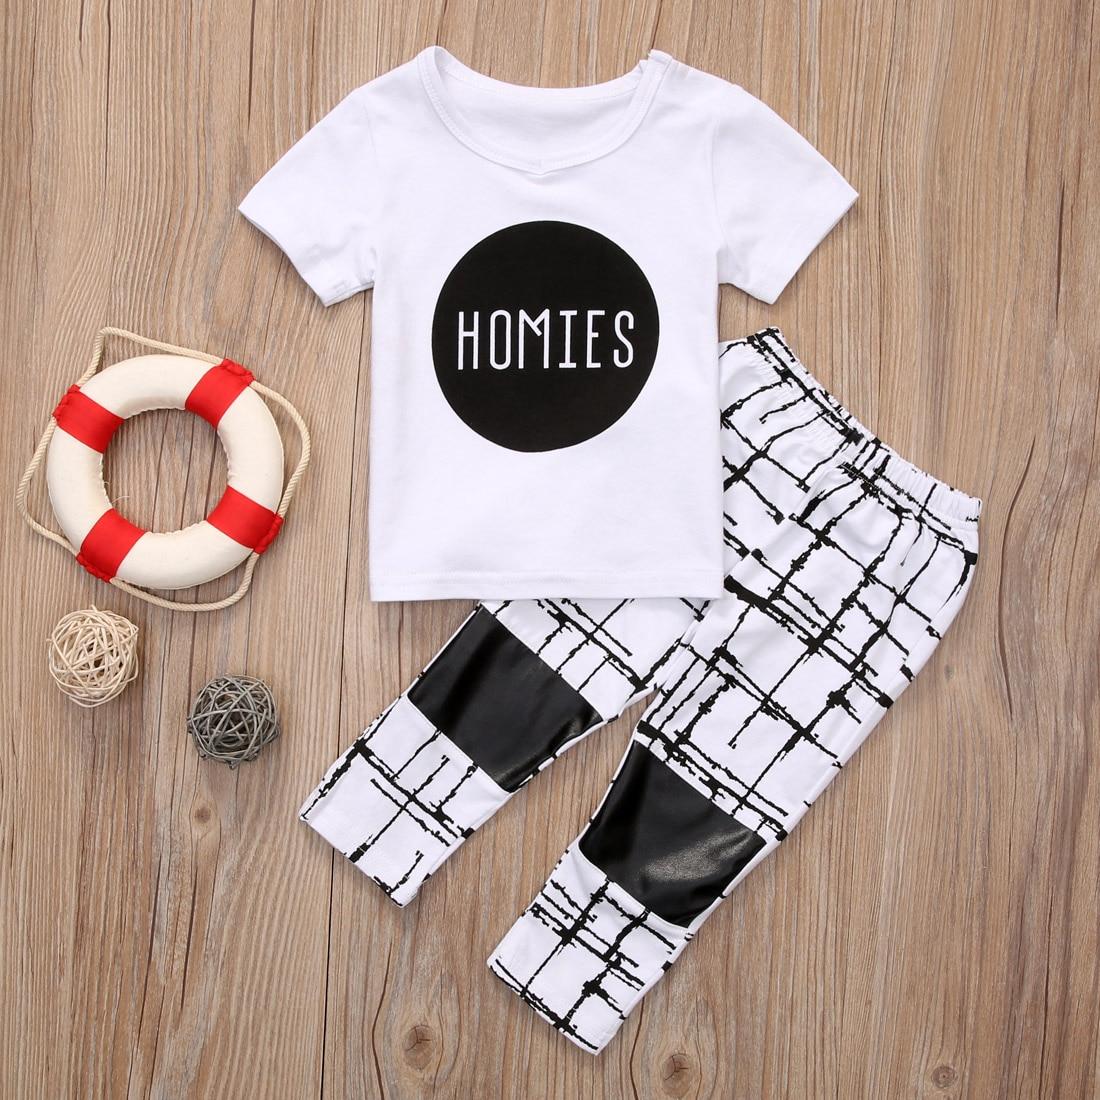 Хлопковая детская одежда лето 2 шт. для новорожденных одежда для малышей мальчиков Одежда для девочек Футболка Топ + штаны комплект Размеры ...